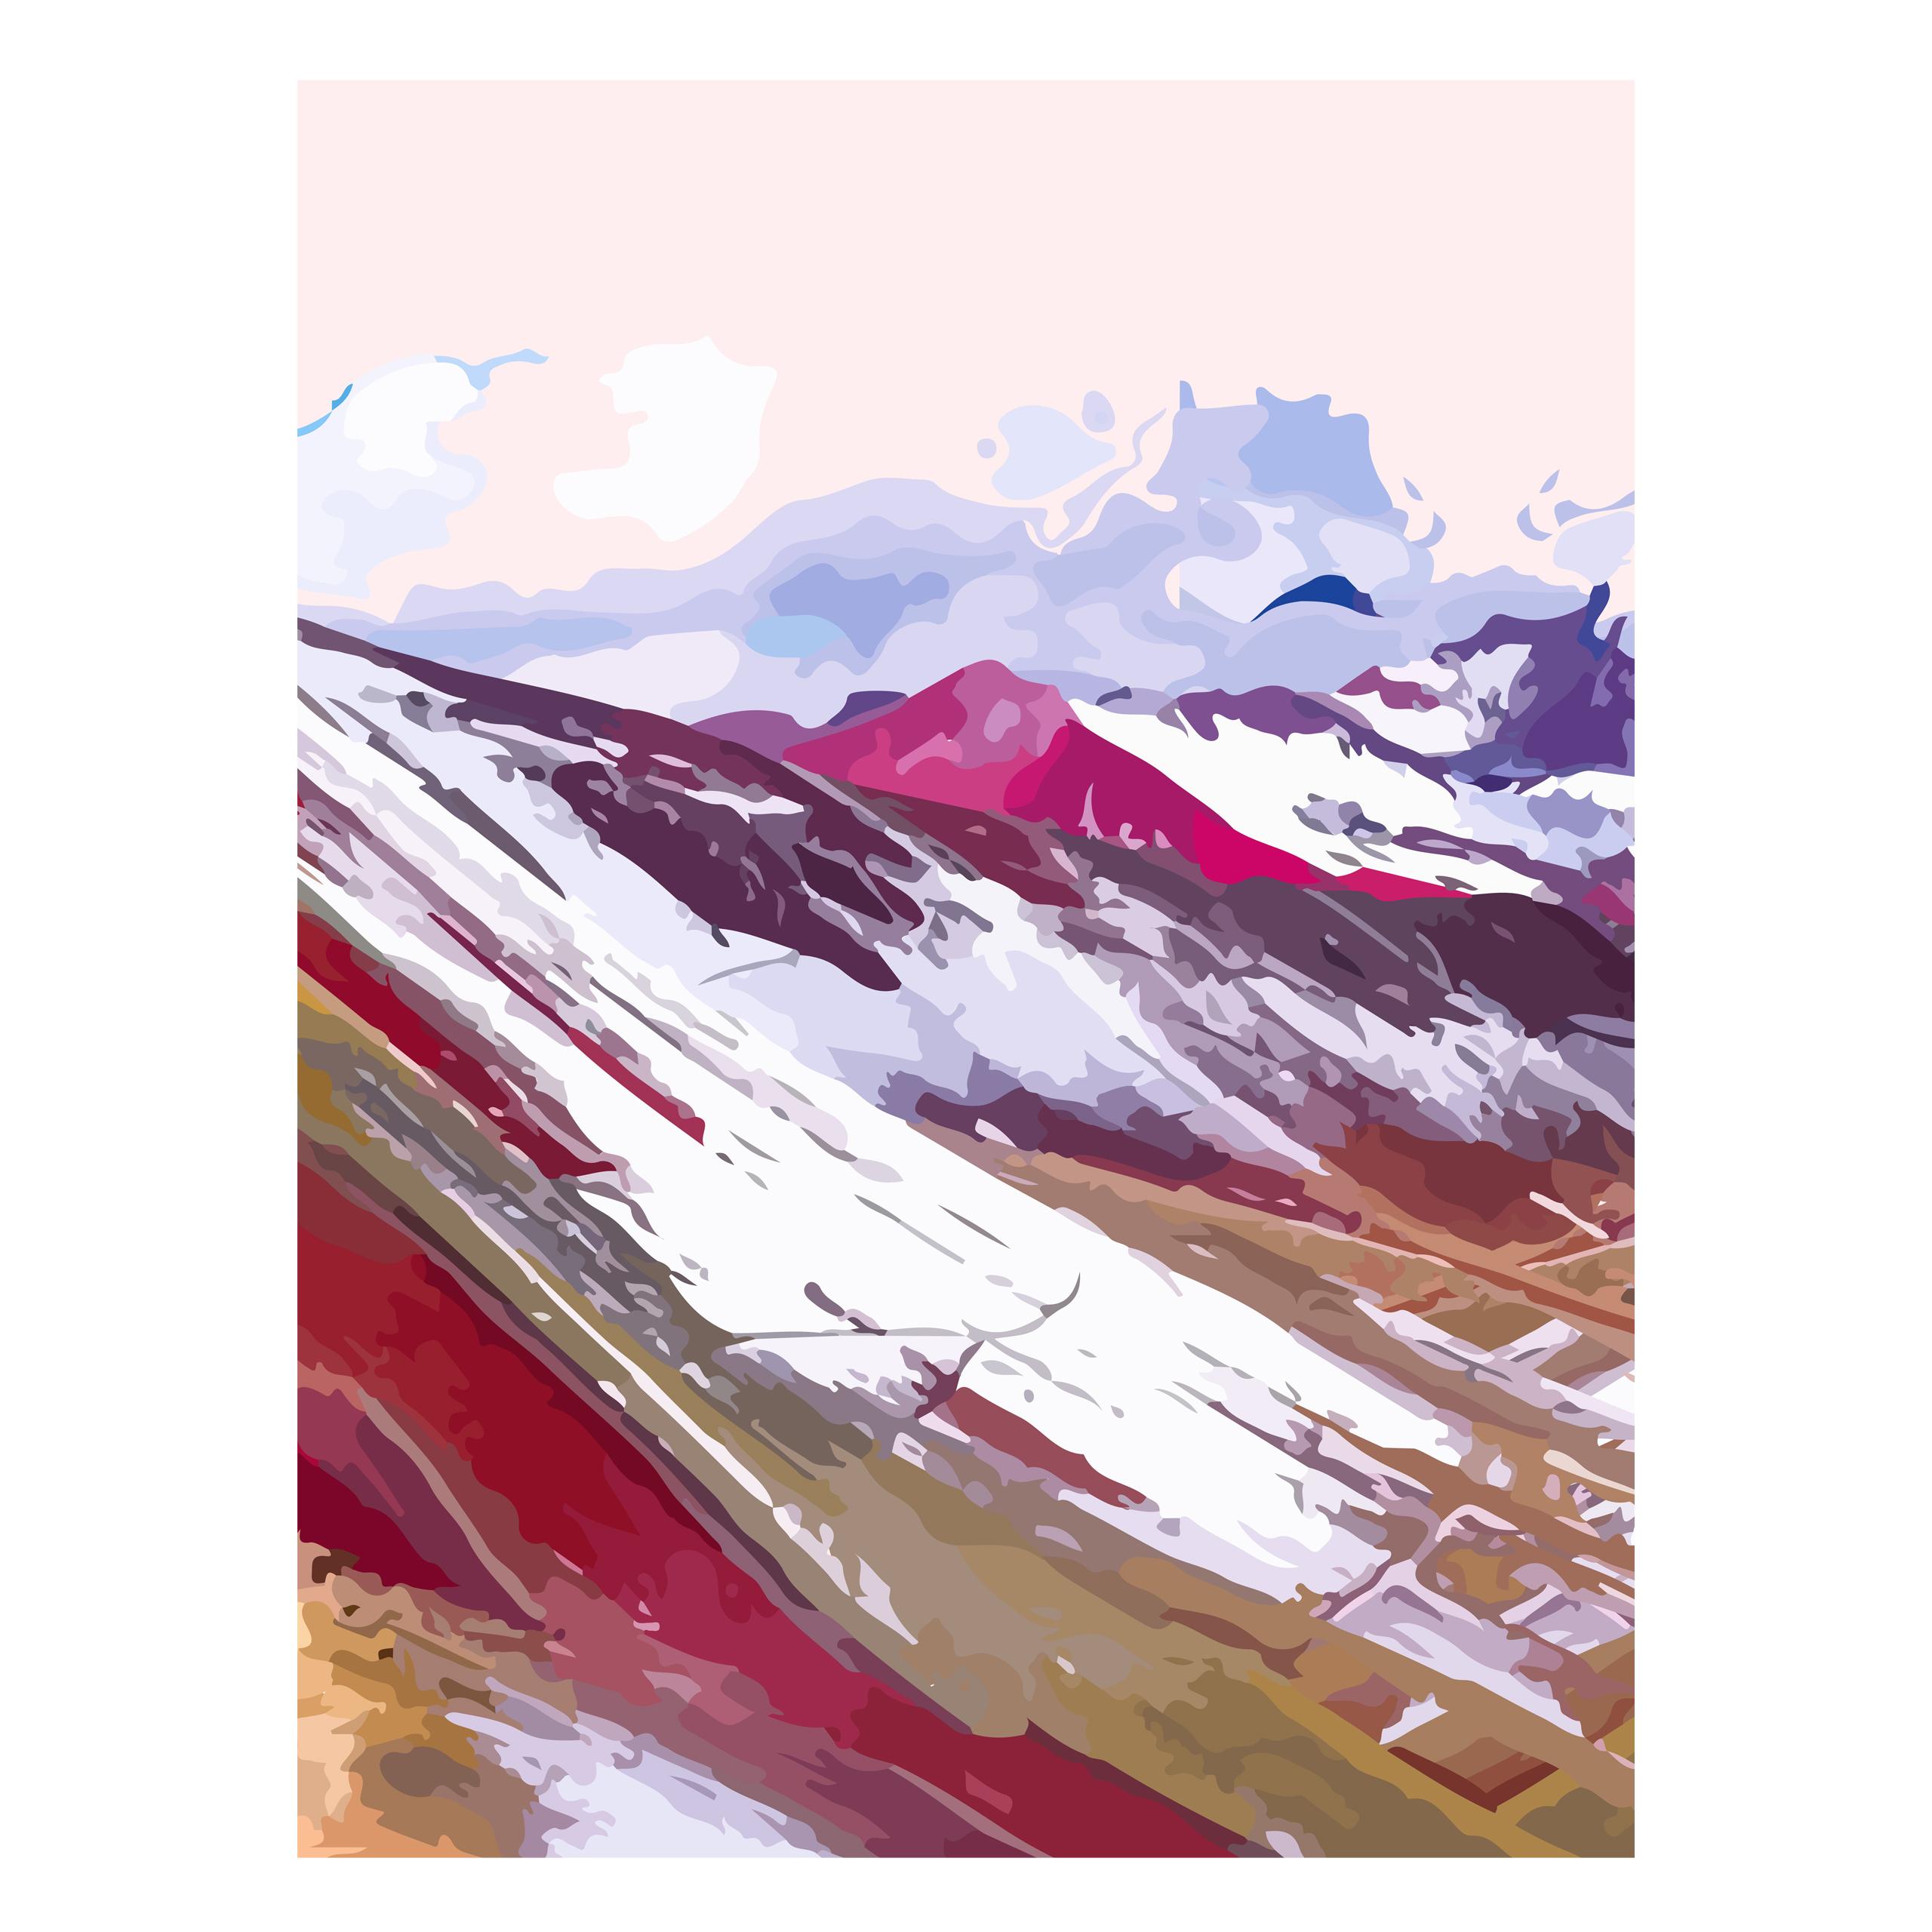 MOUNTAIN Strokes 2_fullsize